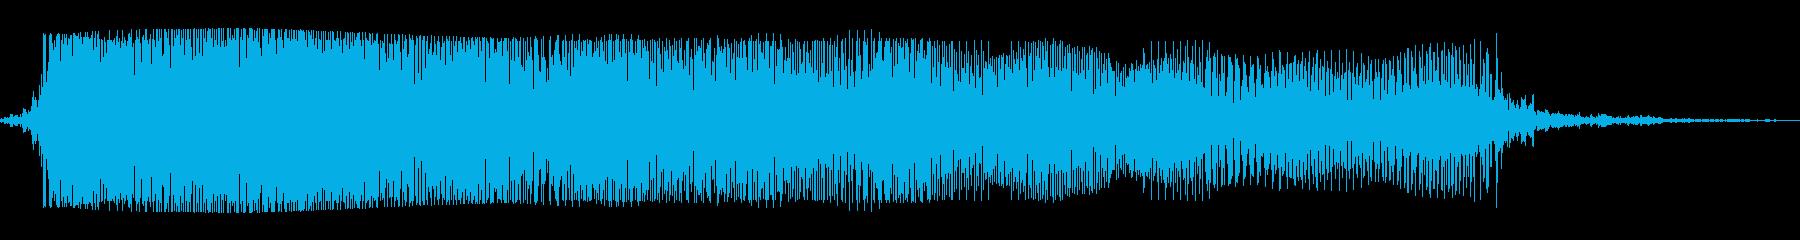 ギターメタルパワーコードz wの再生済みの波形